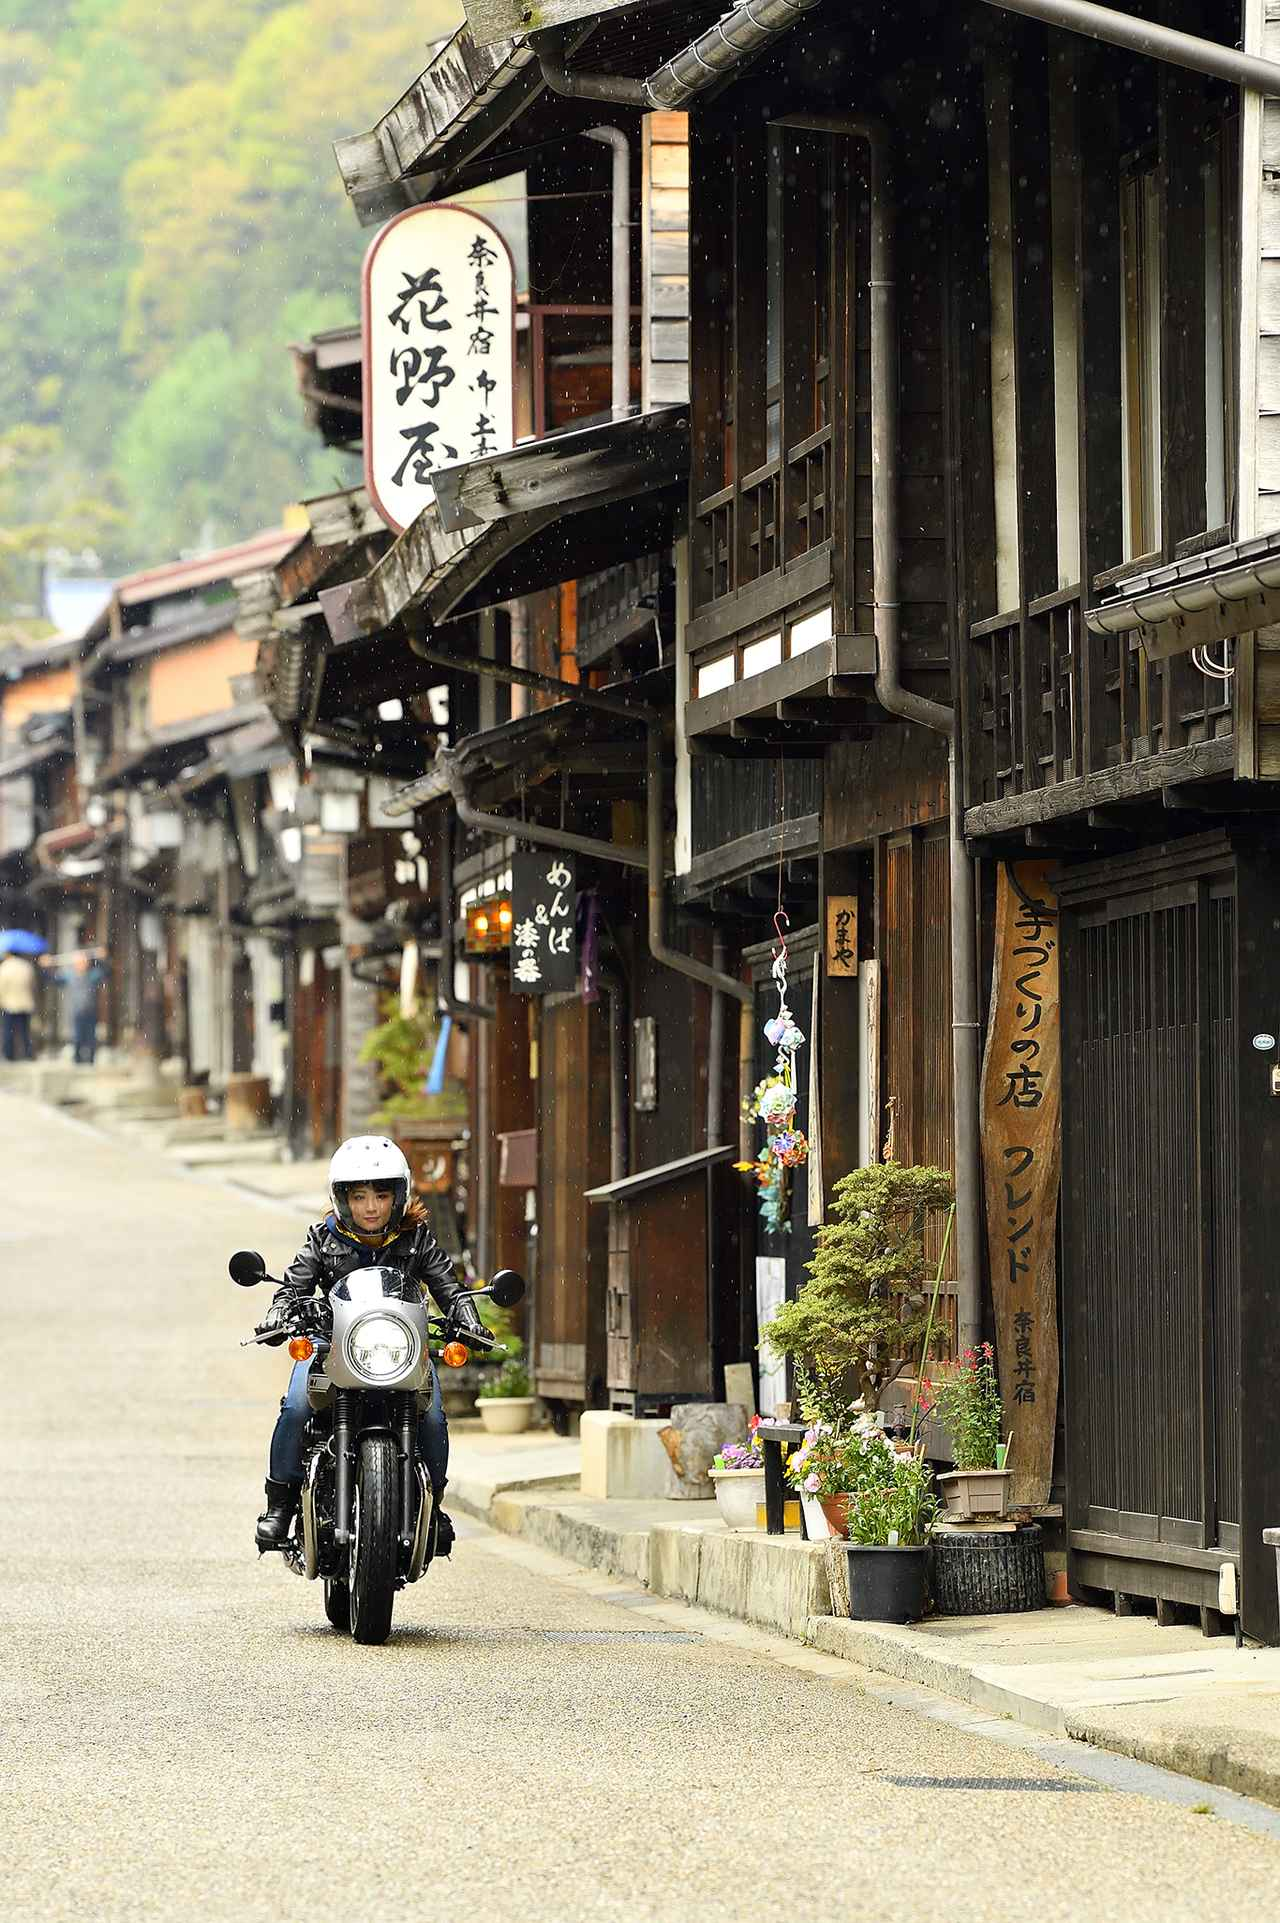 画像7: 平嶋夏海×KAWASAKI W800 CAFE【オートバイ女子部のフォトアルバム】